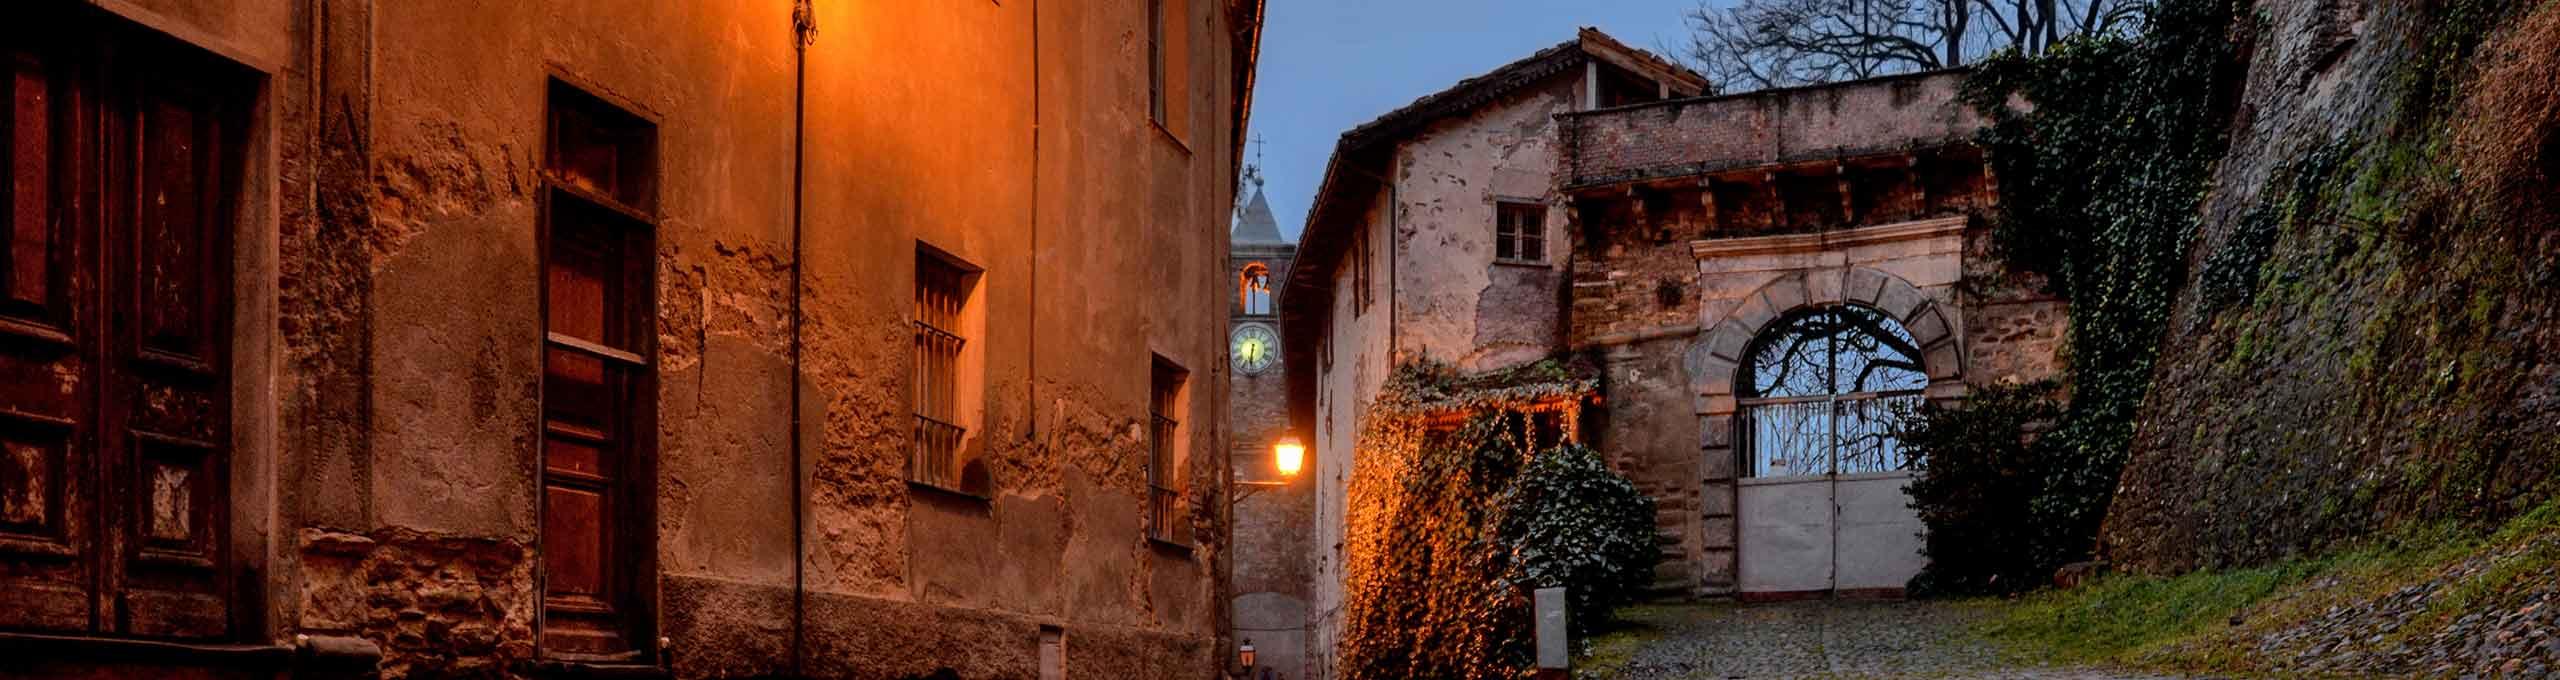 Morsasco, alto Monferrato